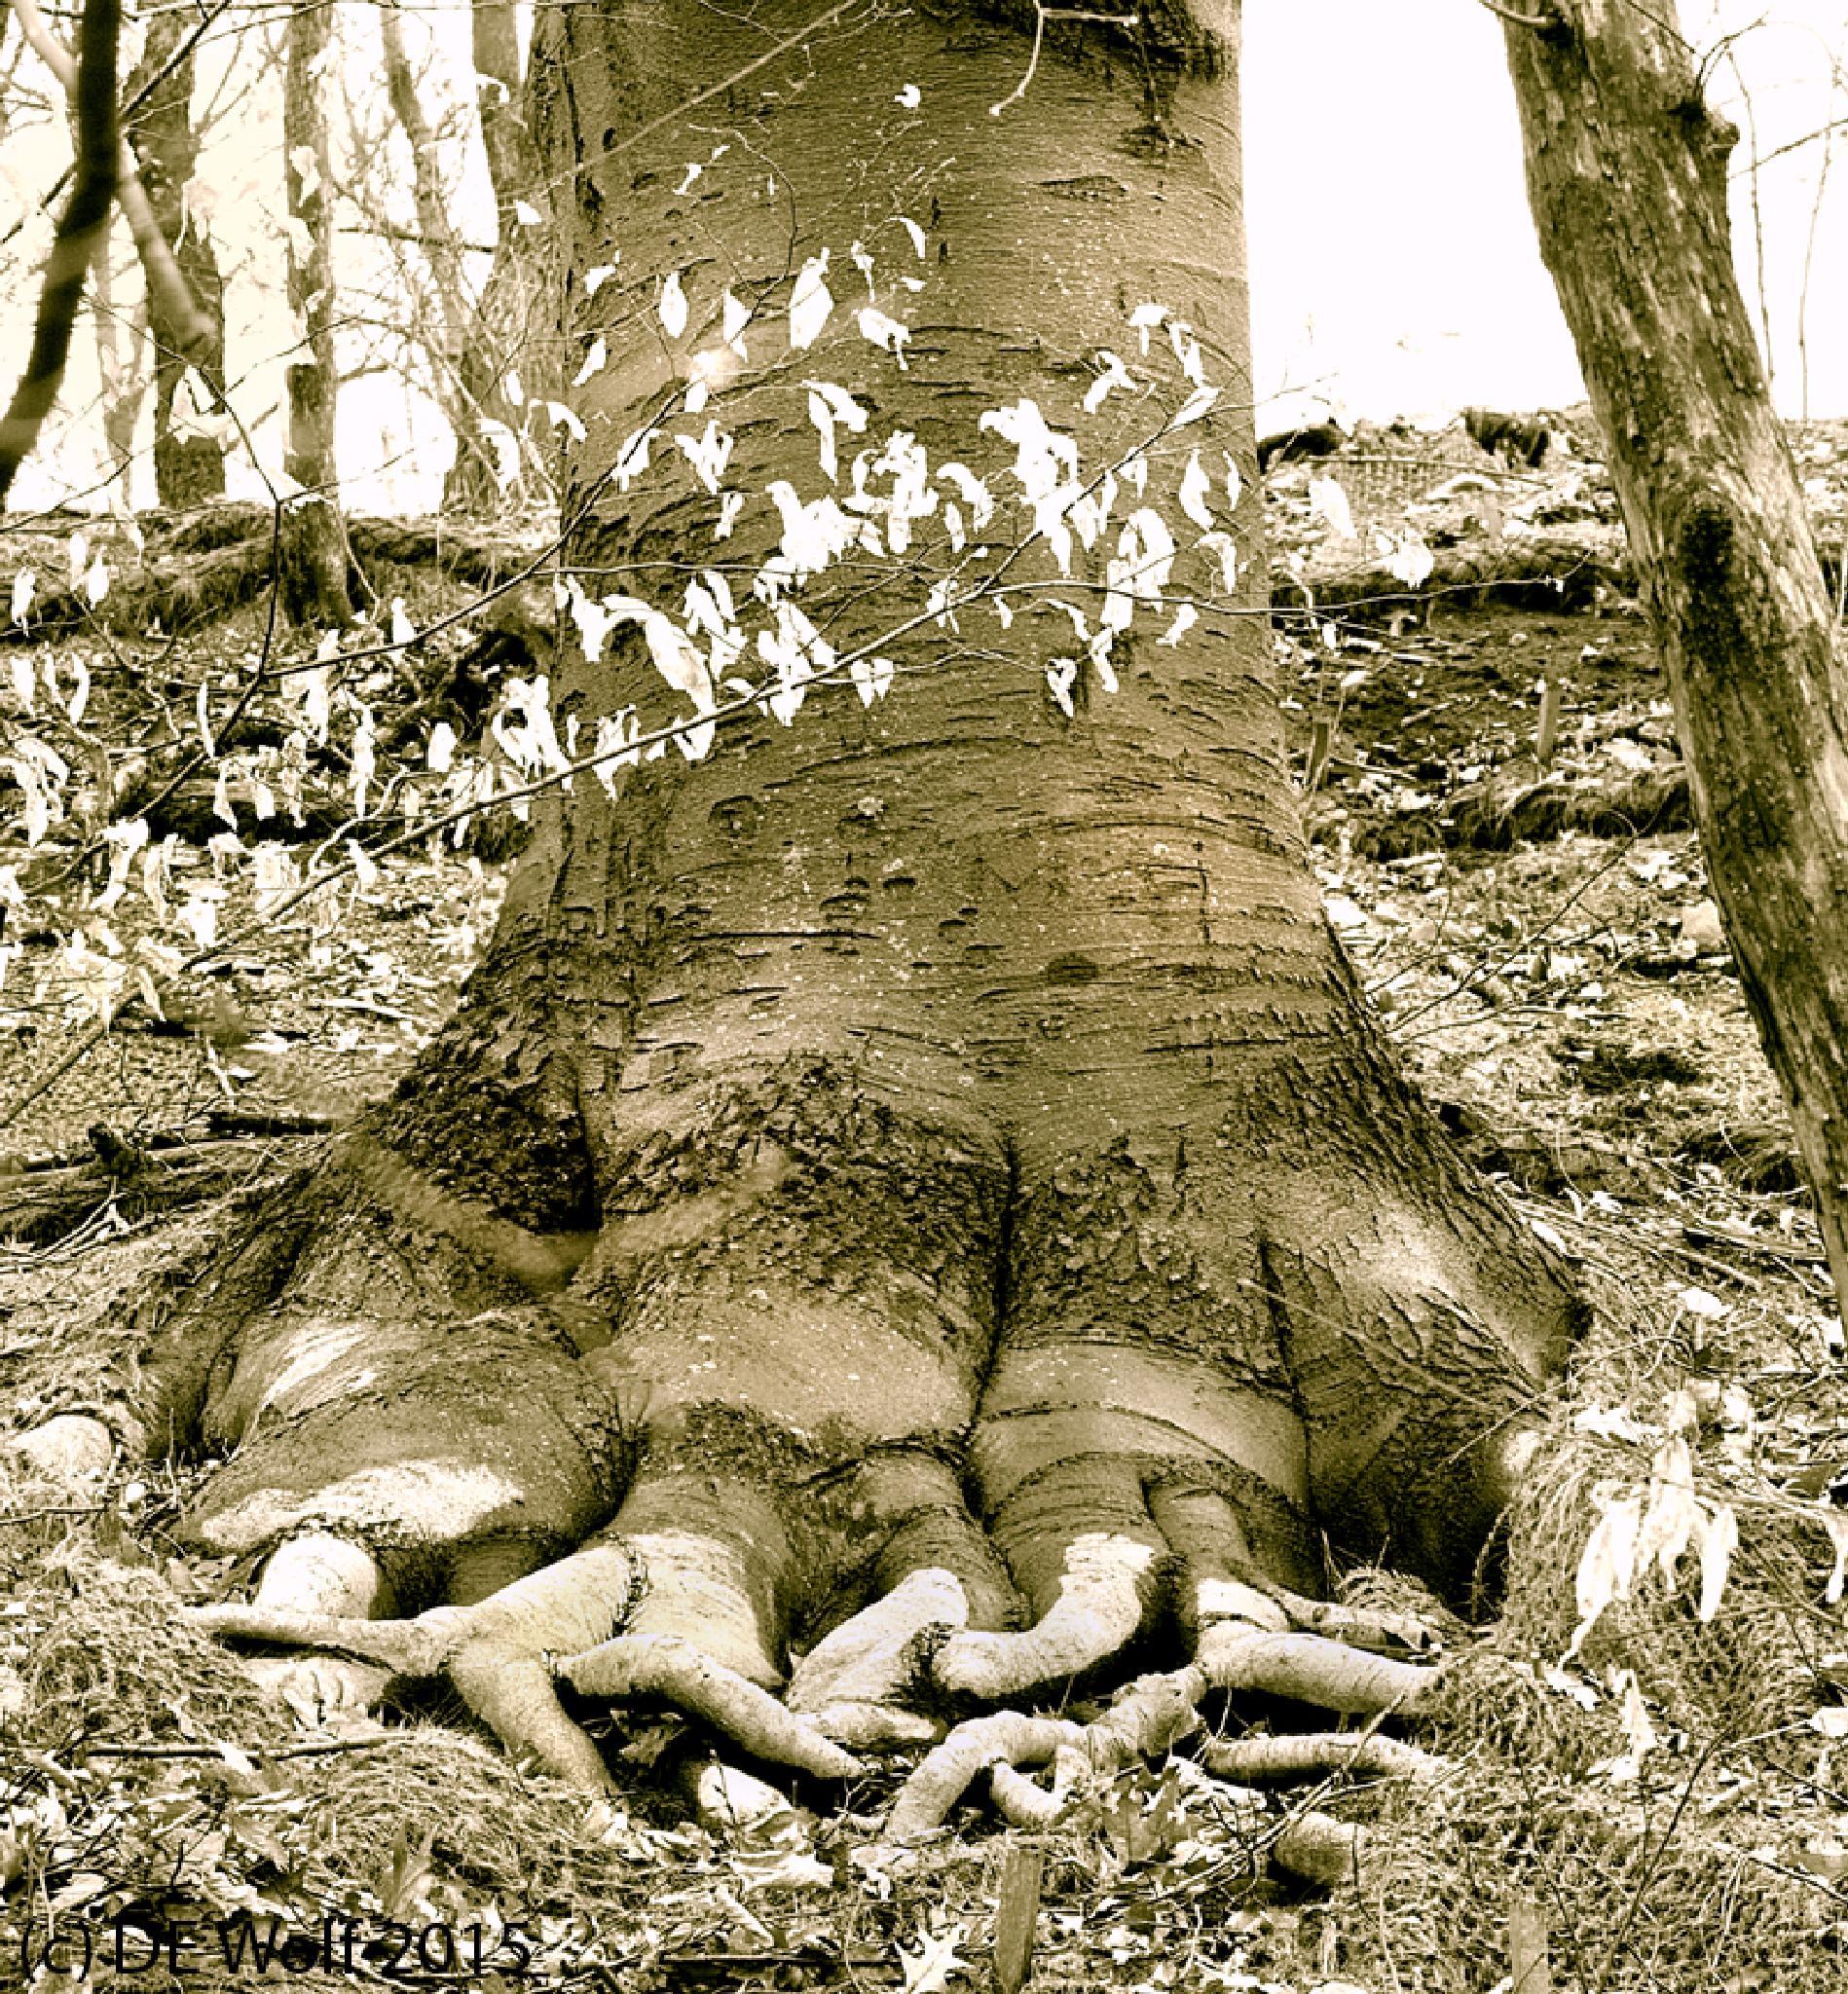 Merlin's Tree by David E. Wolf